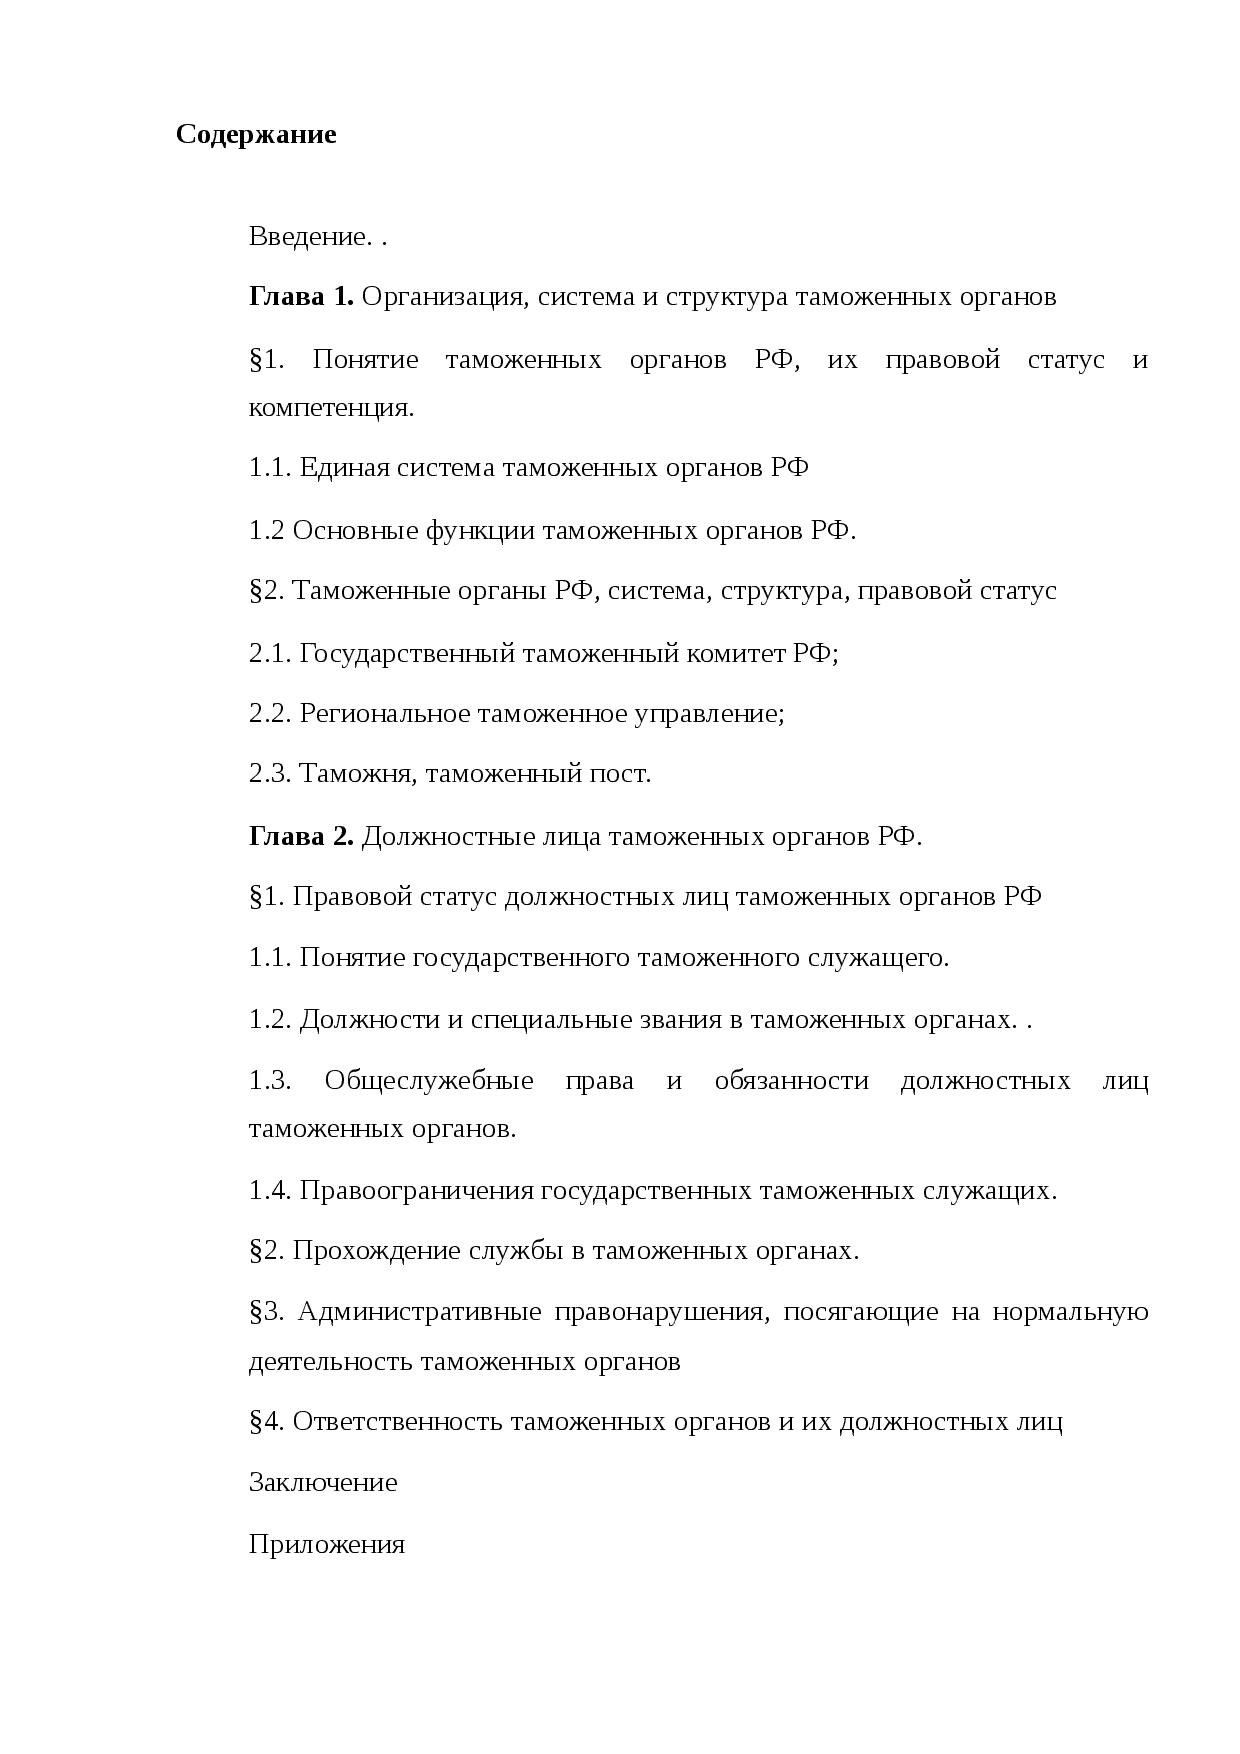 структура таможенных органов российской федерации